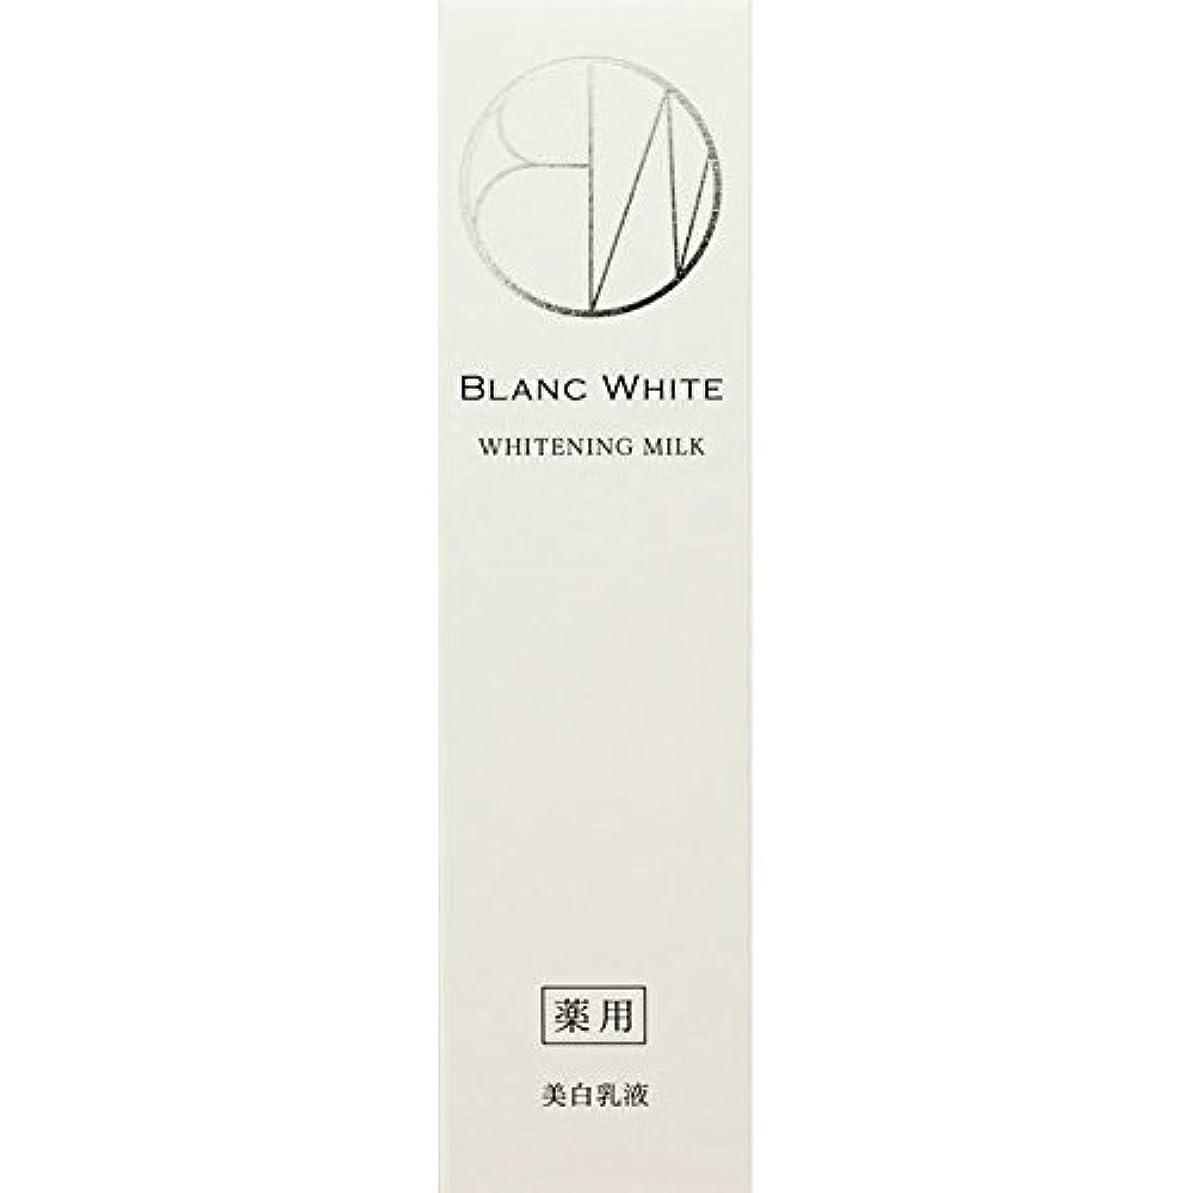 過度に暗い屈辱するブランホワイト ホワイトニングミルク 125ml (医薬部外品)